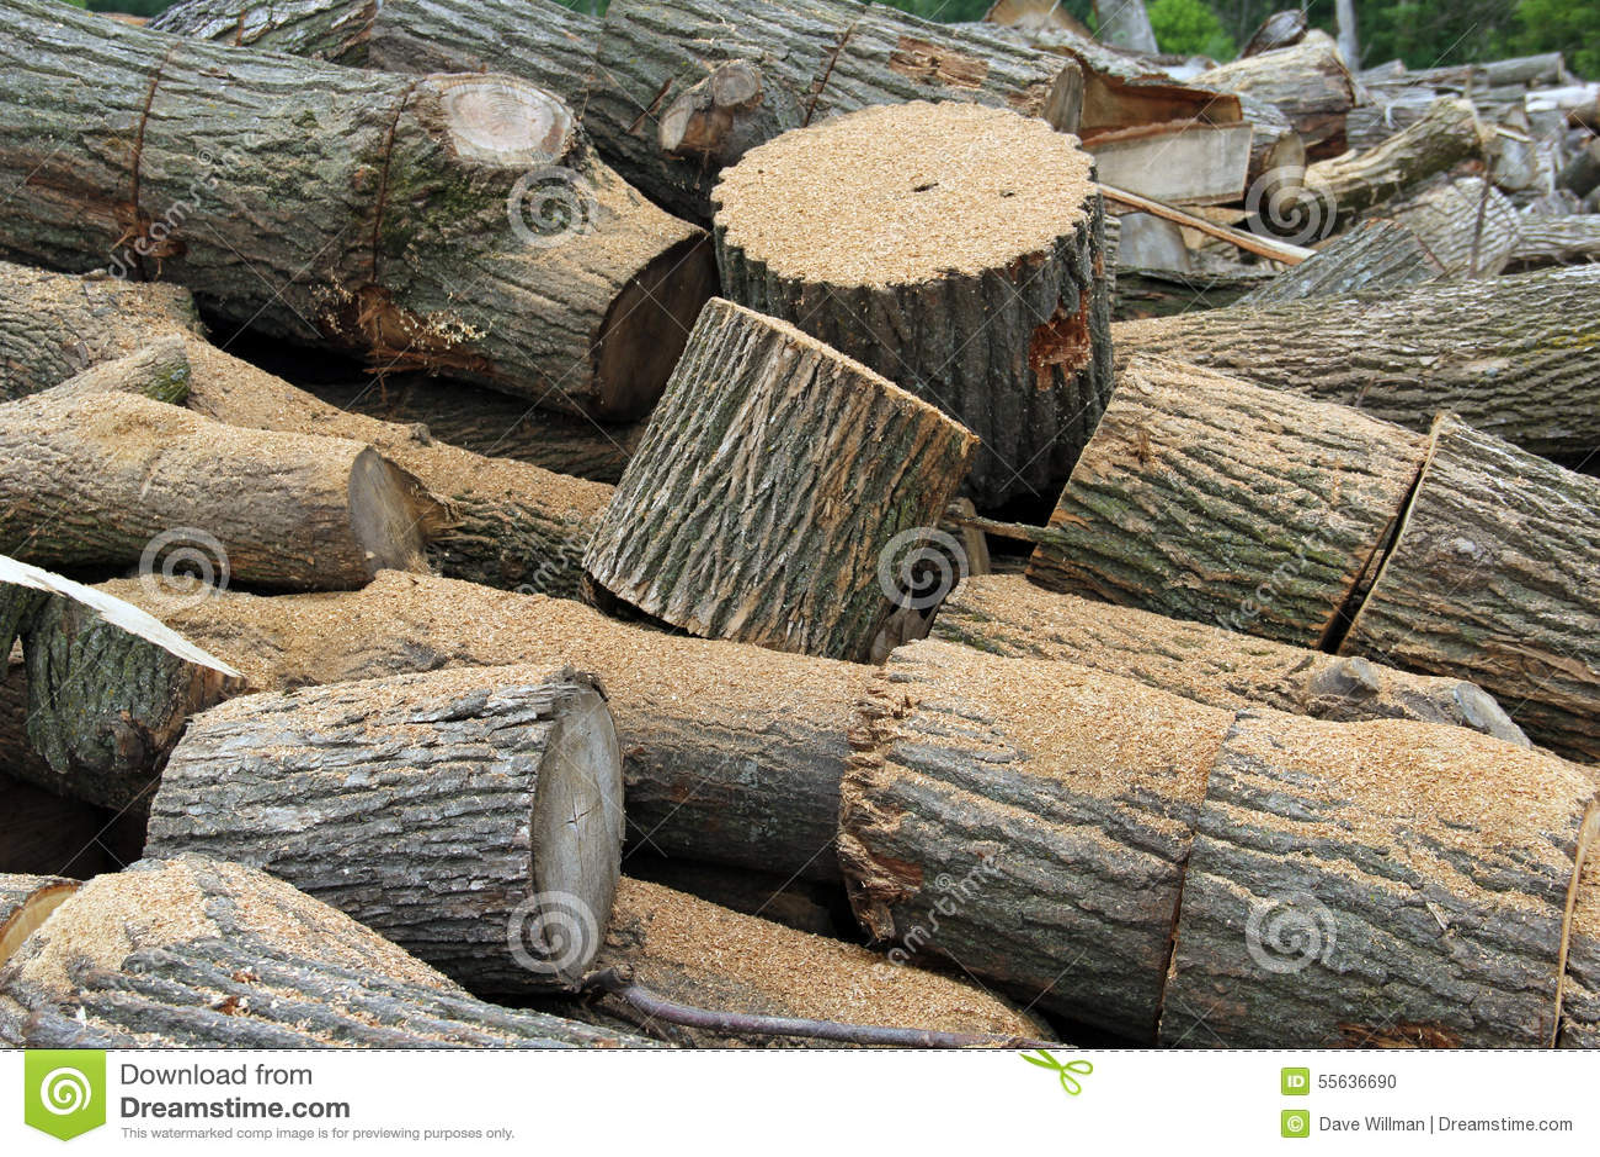 Oak firewood wood pile background stock photo image of